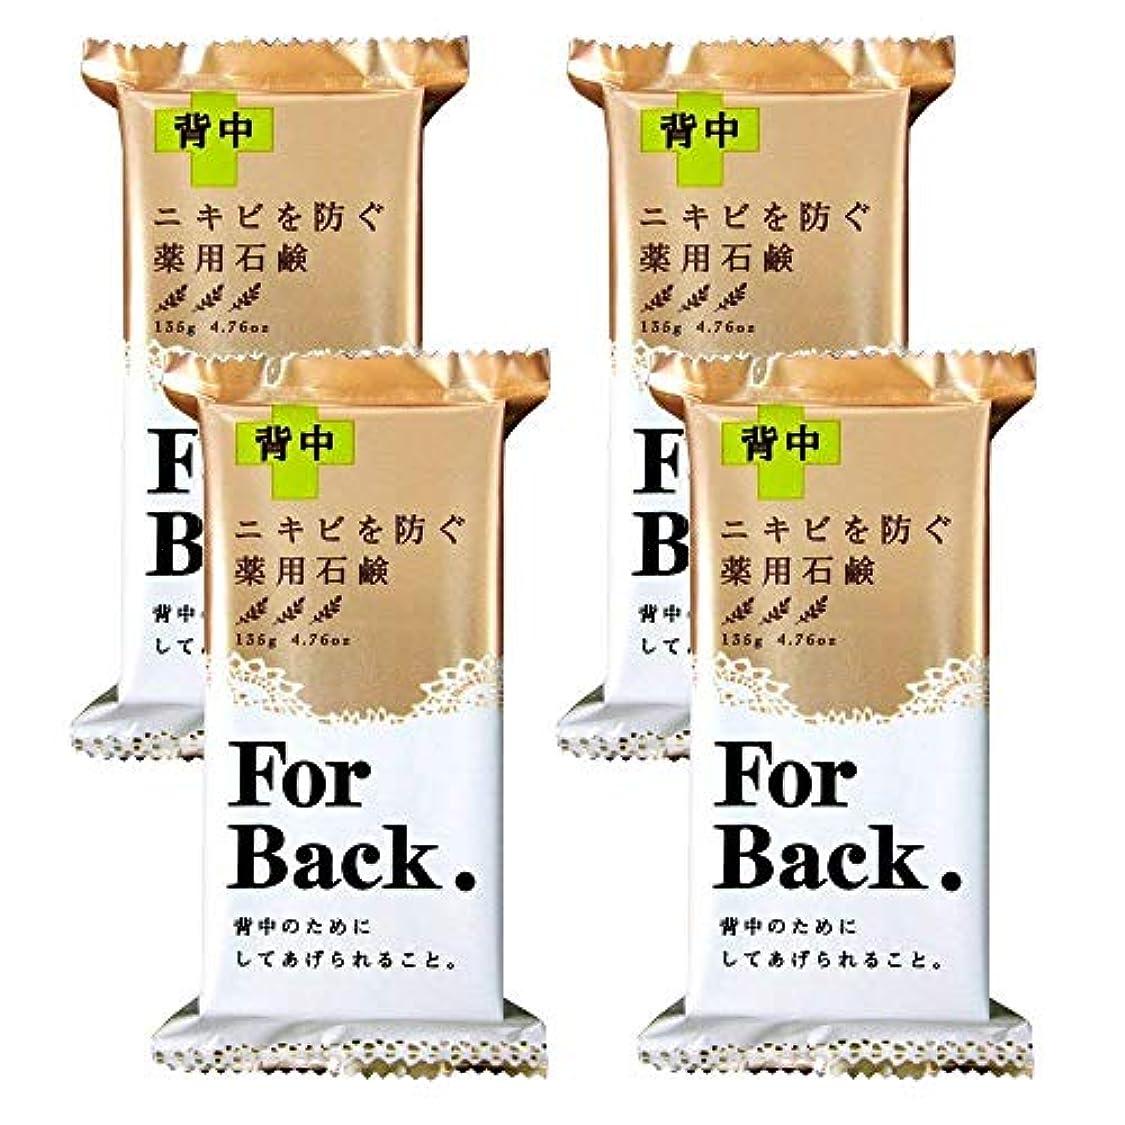 マイナス結論過敏な薬用石鹸 ForBack 135g×4個セット